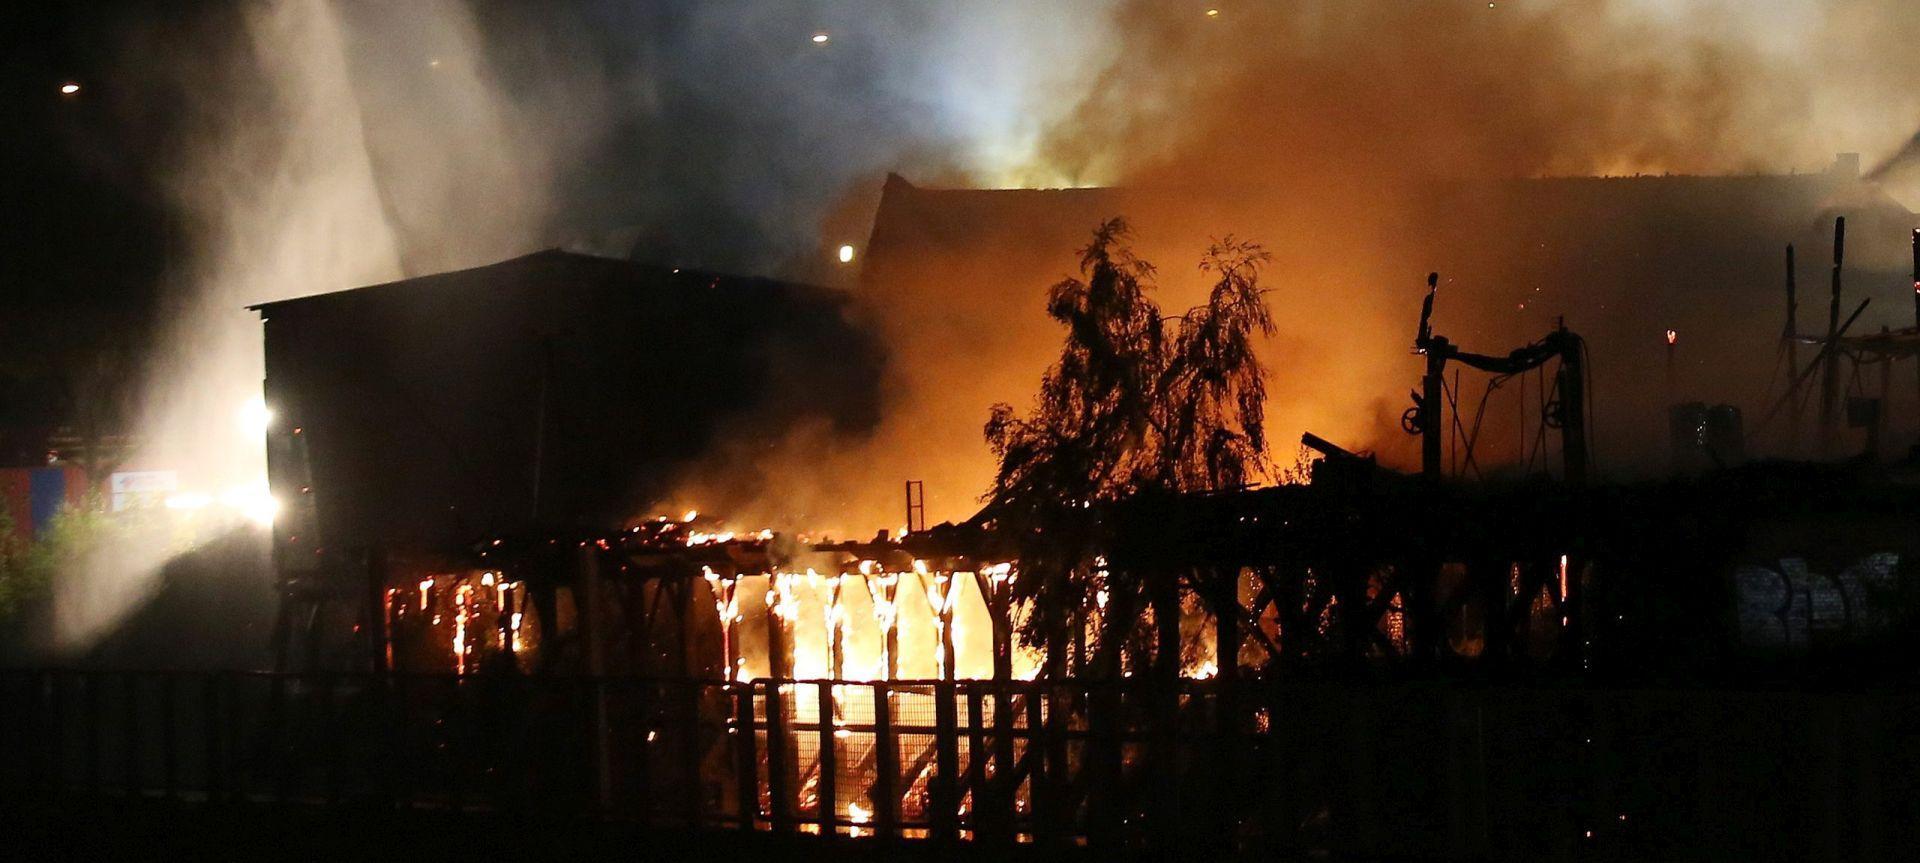 NEMA OZLIJEĐENIH: Migranti zapalili prihvatni centar na Lampedusi